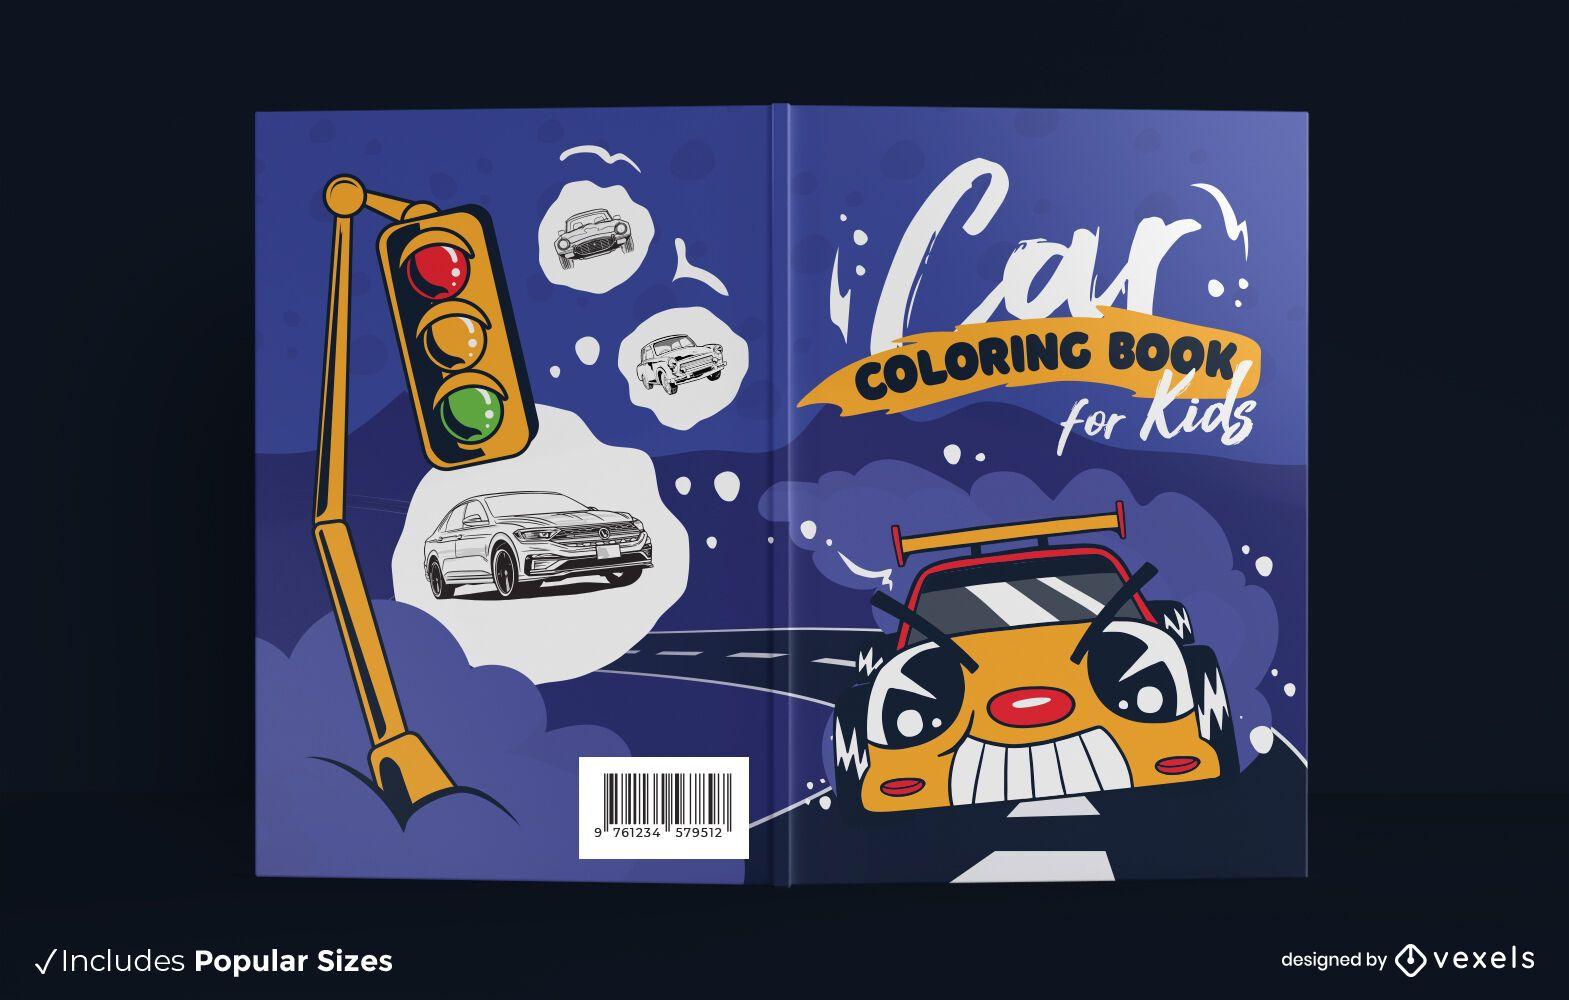 Dise?o de portada de libro para colorear de coche